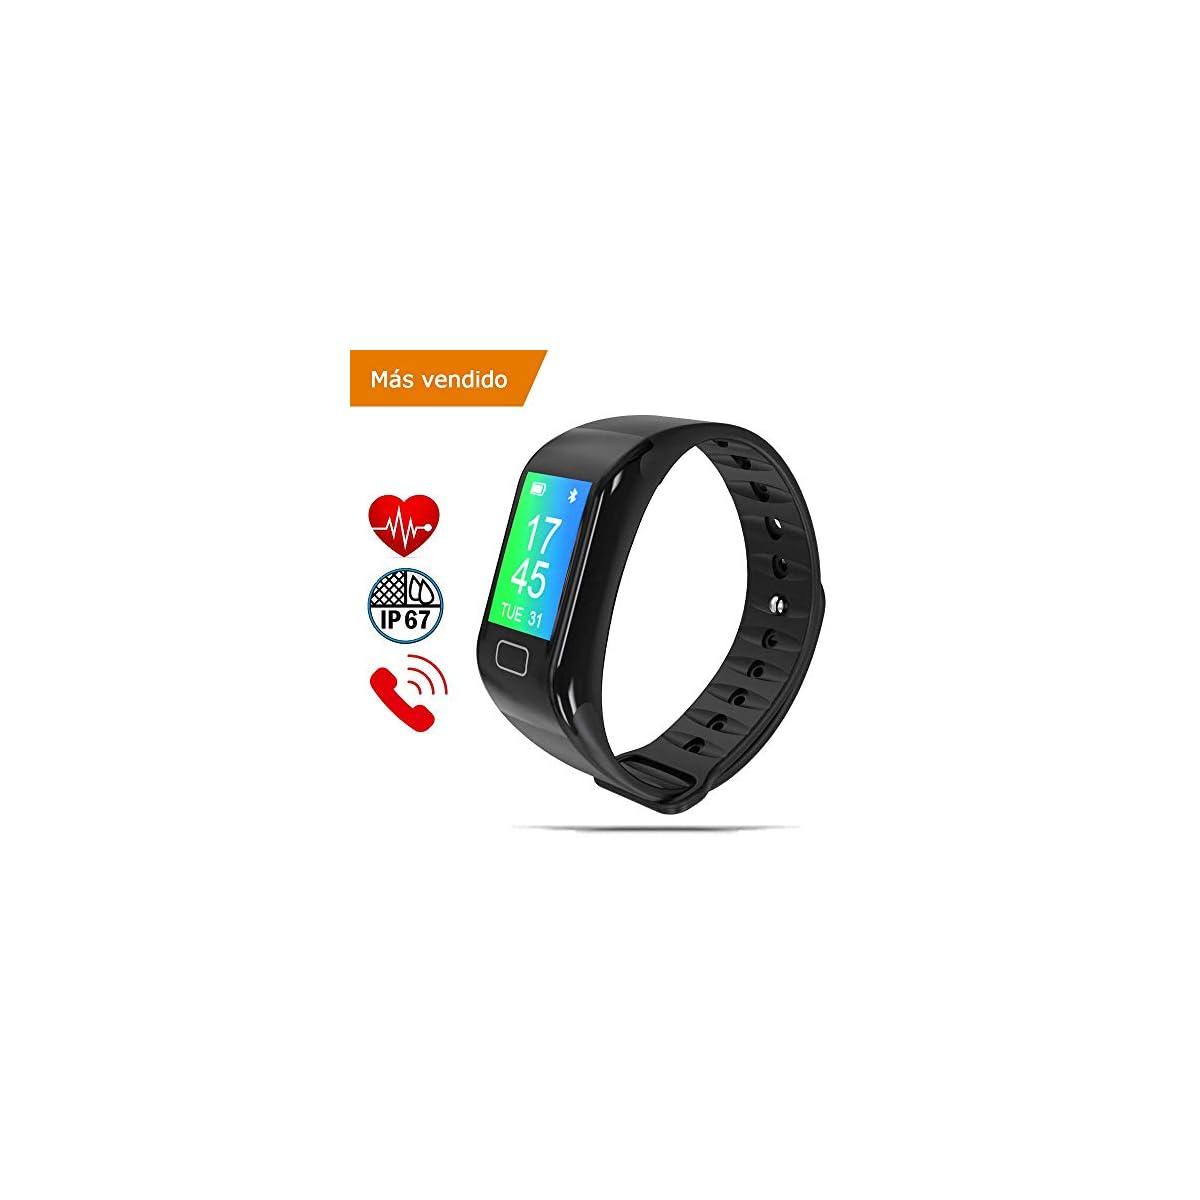 417ay xGkJL. SS1200  - NK Pulsera de Actividad Inteligente Smartband-02, Frecuencia cardíaca, Monitor del sueño, Resistencia al Agua IP67, Podómetro, Color Negro